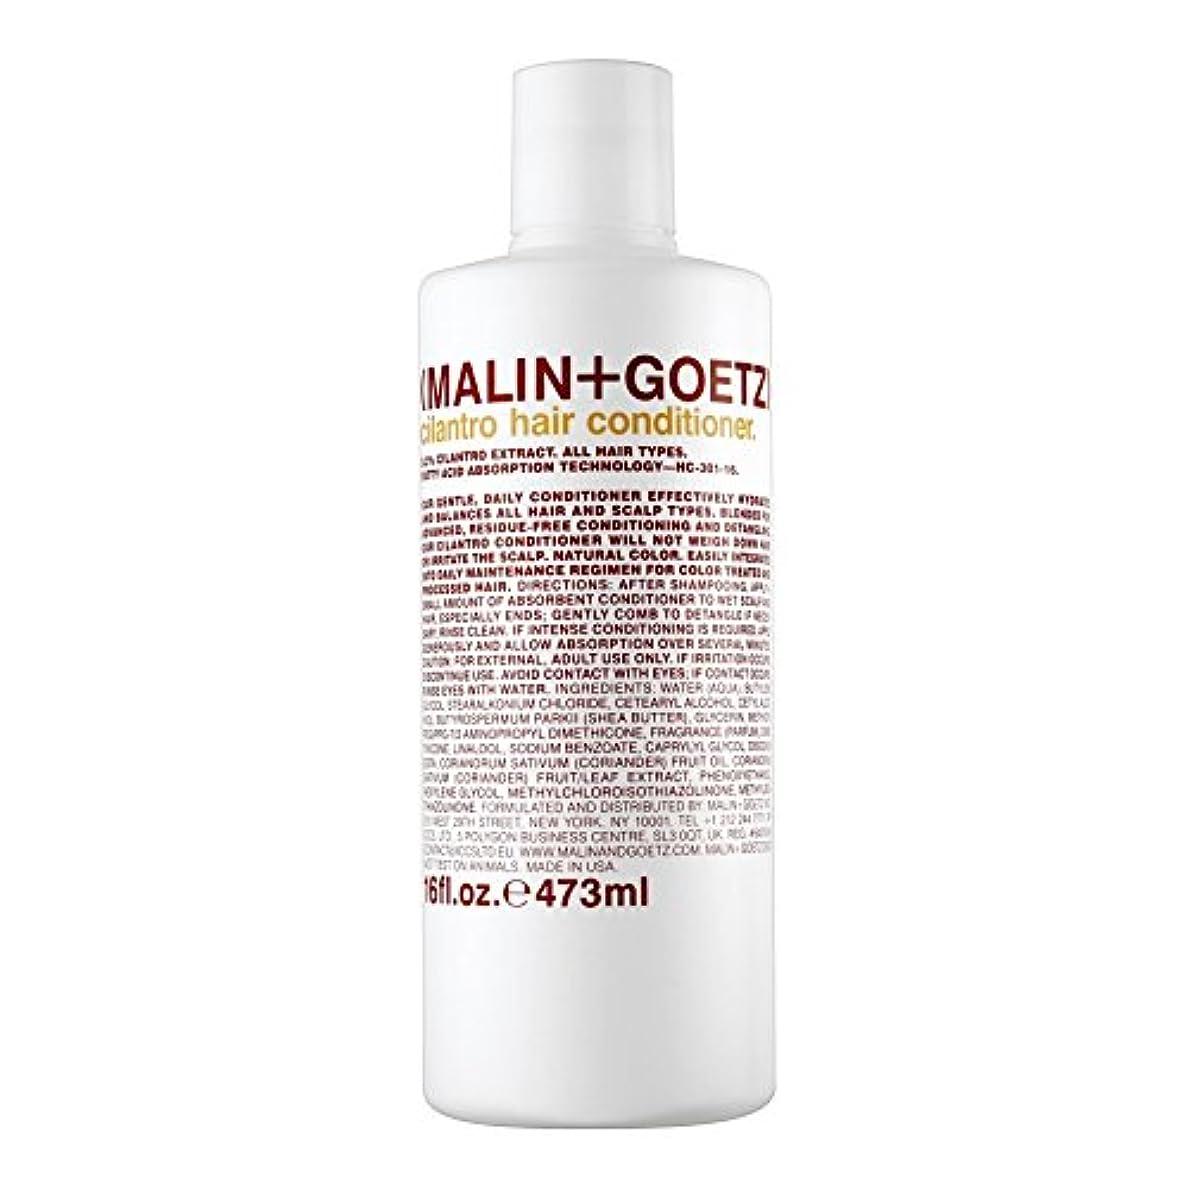 予定生産性描くMALIN+GOETZ Cilantro Hair Conditioner 473ml - マリン+ゲッツコリアンダーのヘアコンディショナー473ミリリットル [並行輸入品]